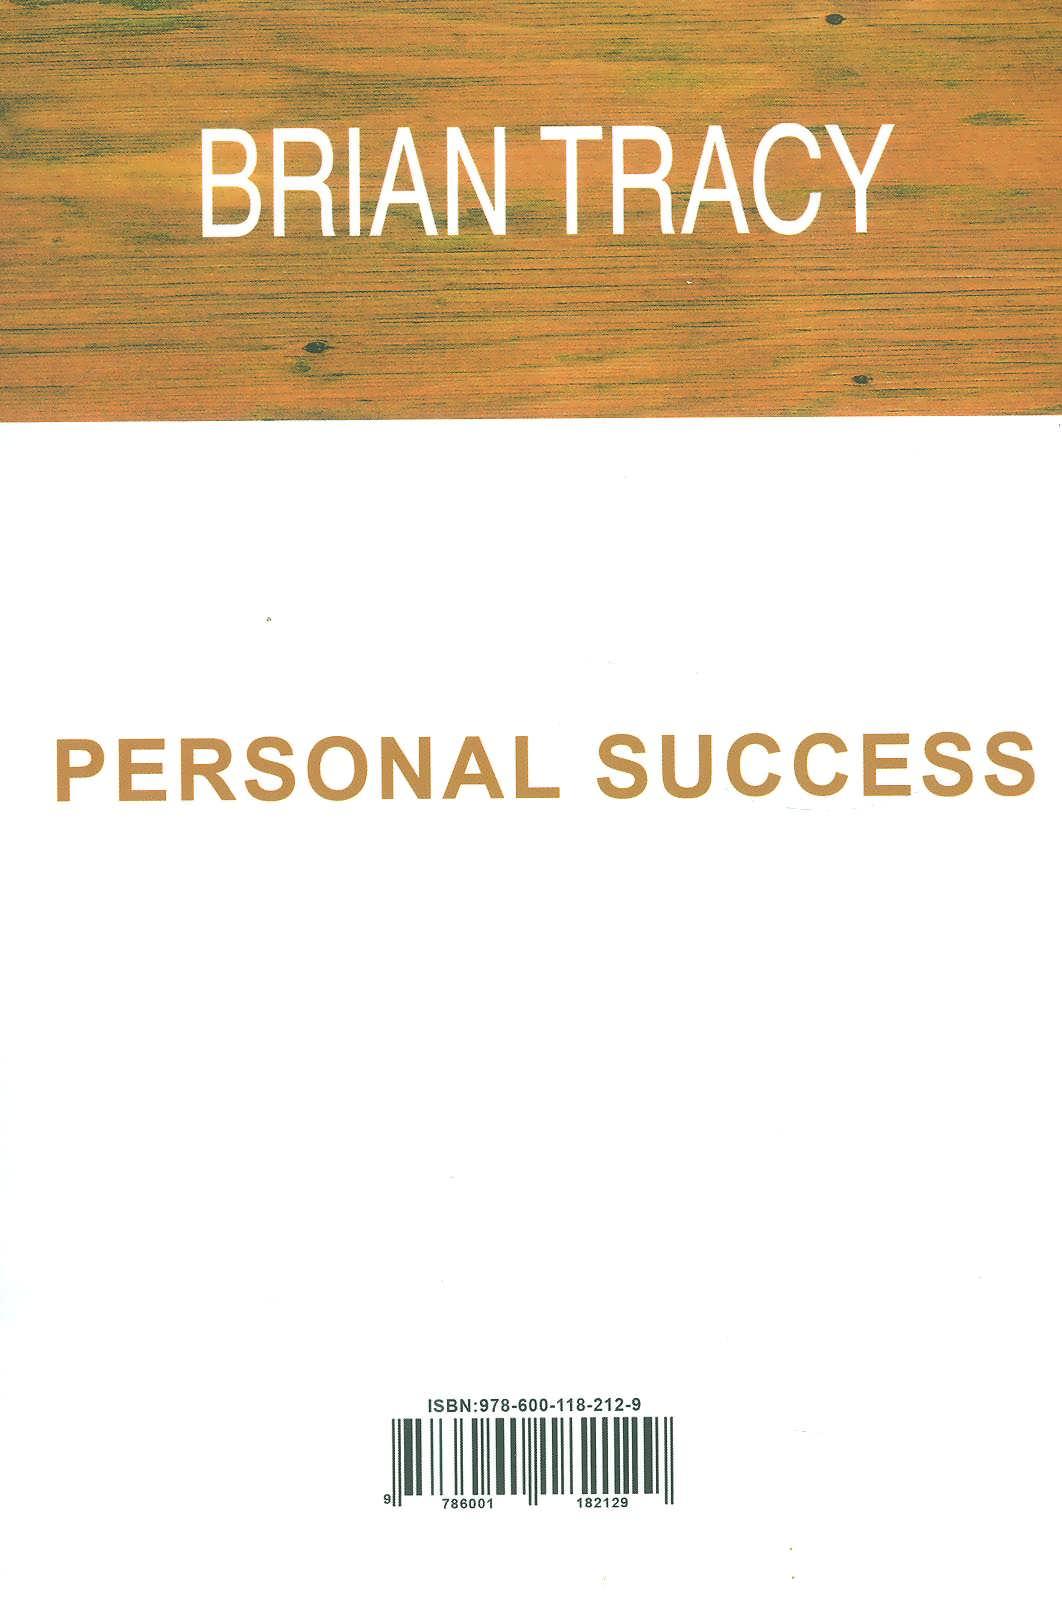 موفقیت شخصی